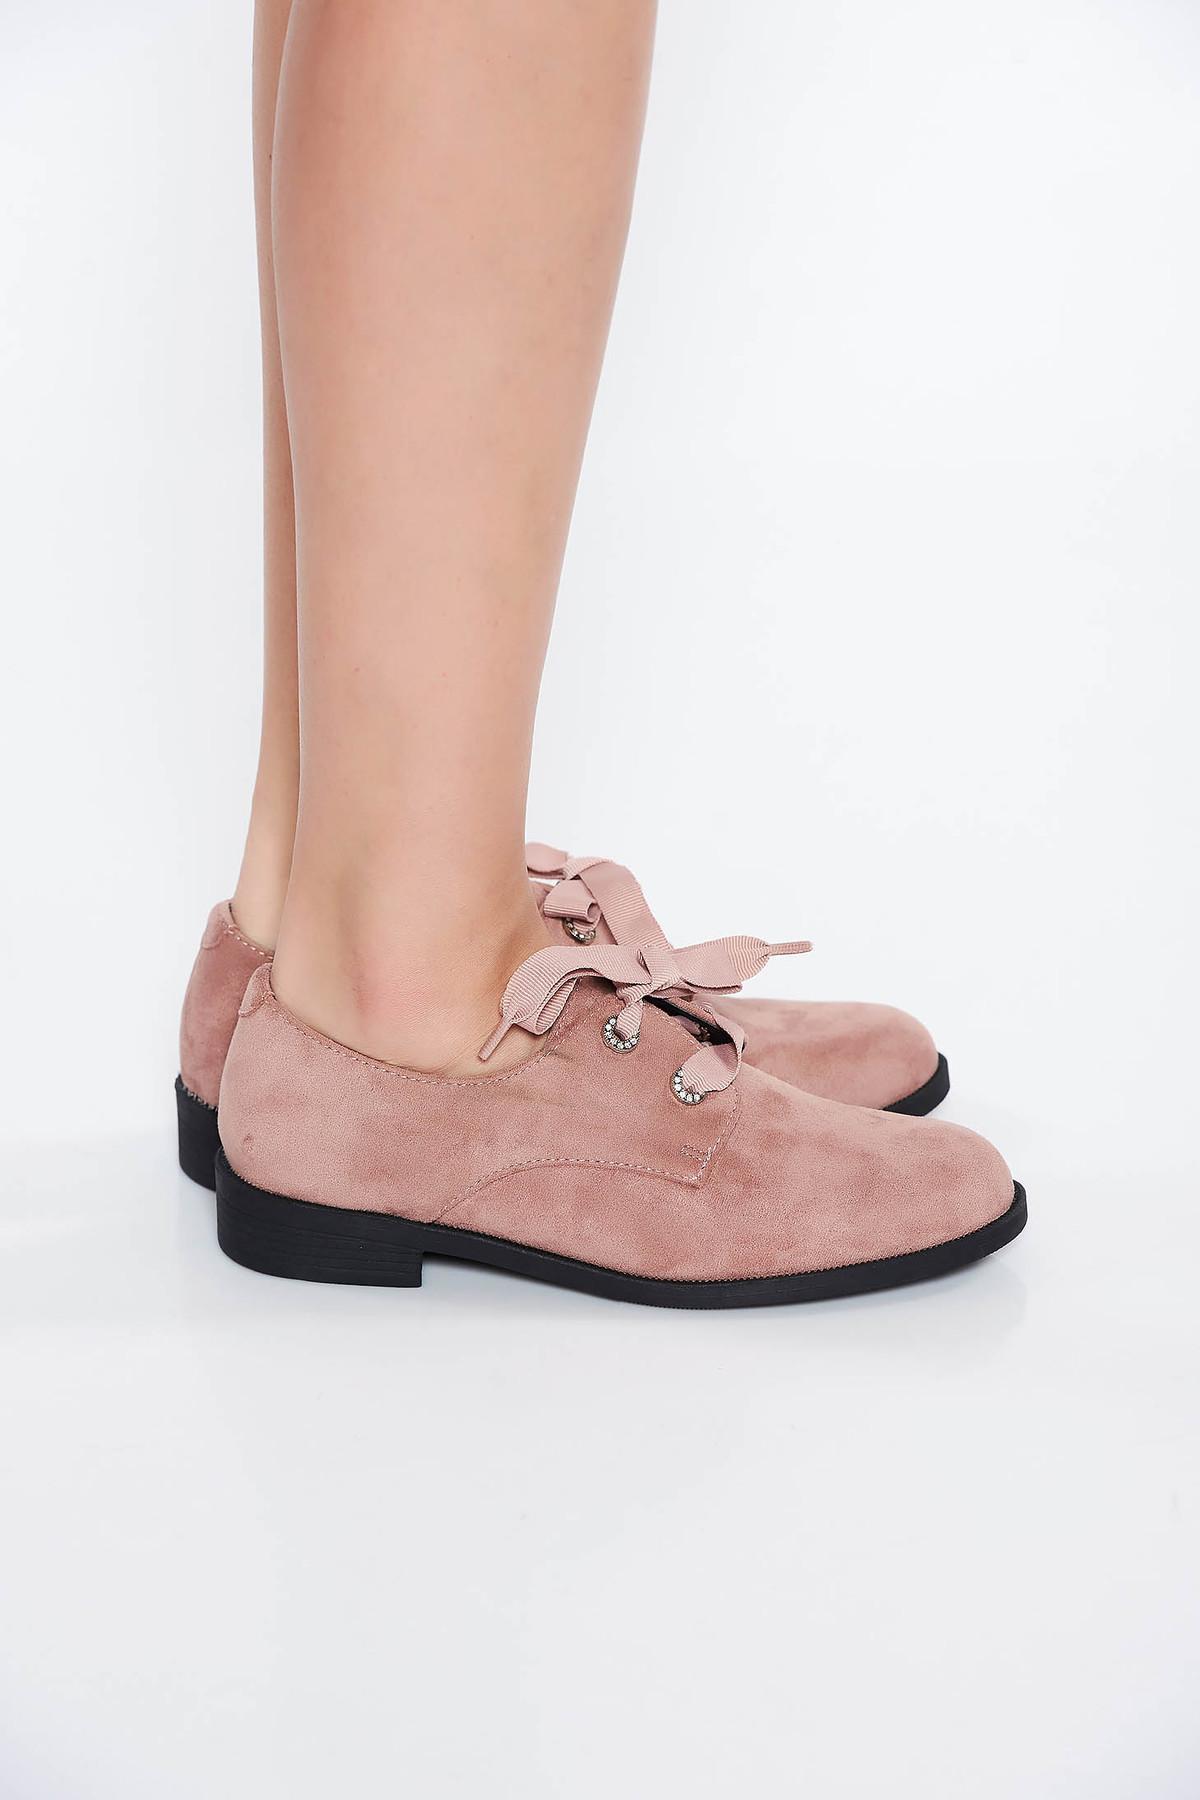 Pantofi roz deschis casual cu talpa usoara din piele ecologica cu siret